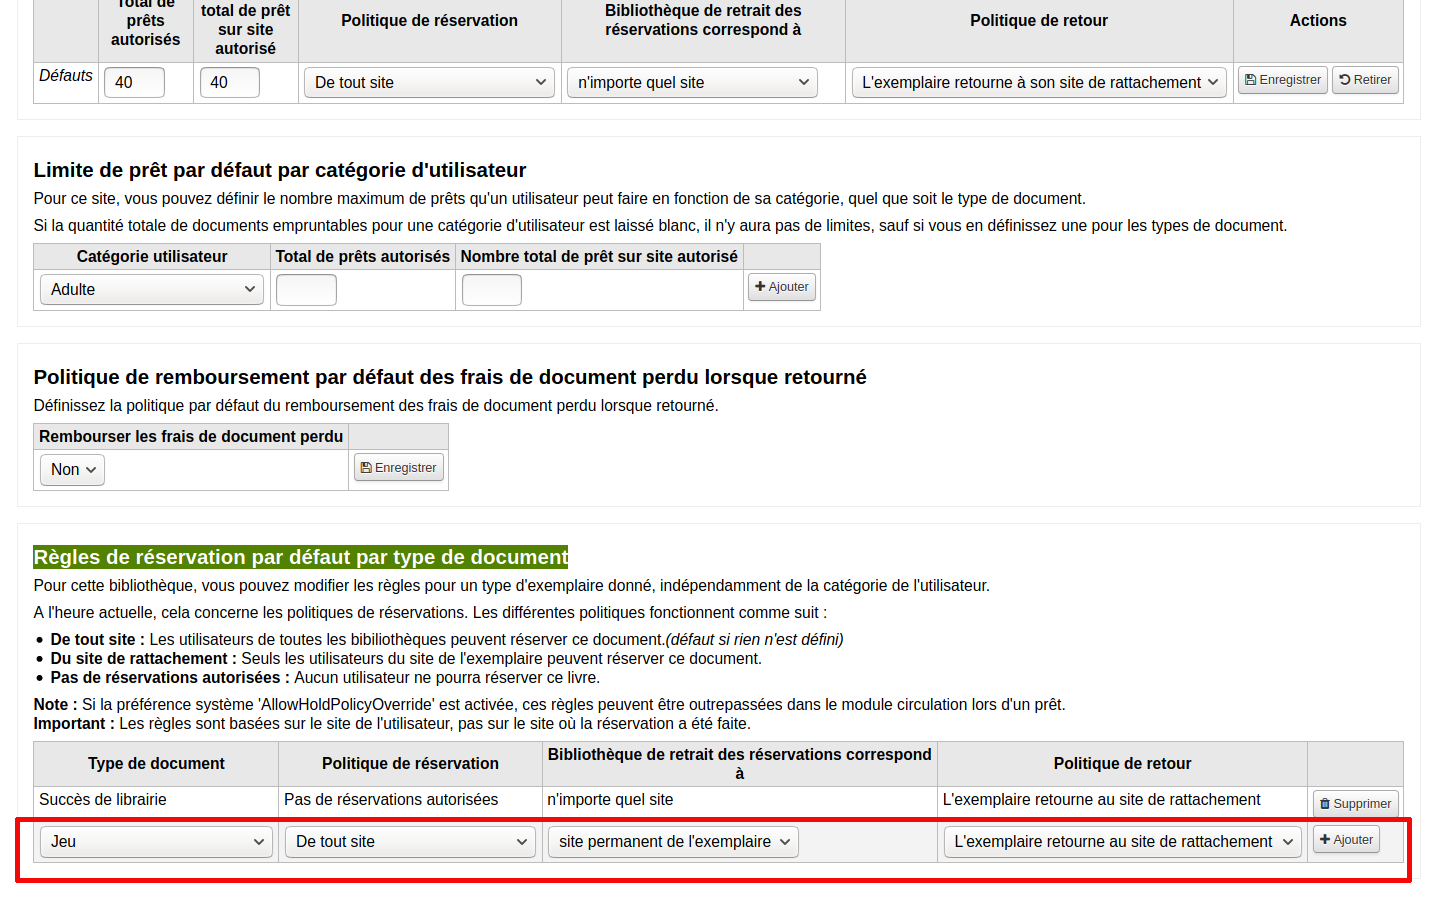 ajout de règle dans la section «Règles de réservations par défaut par type de document